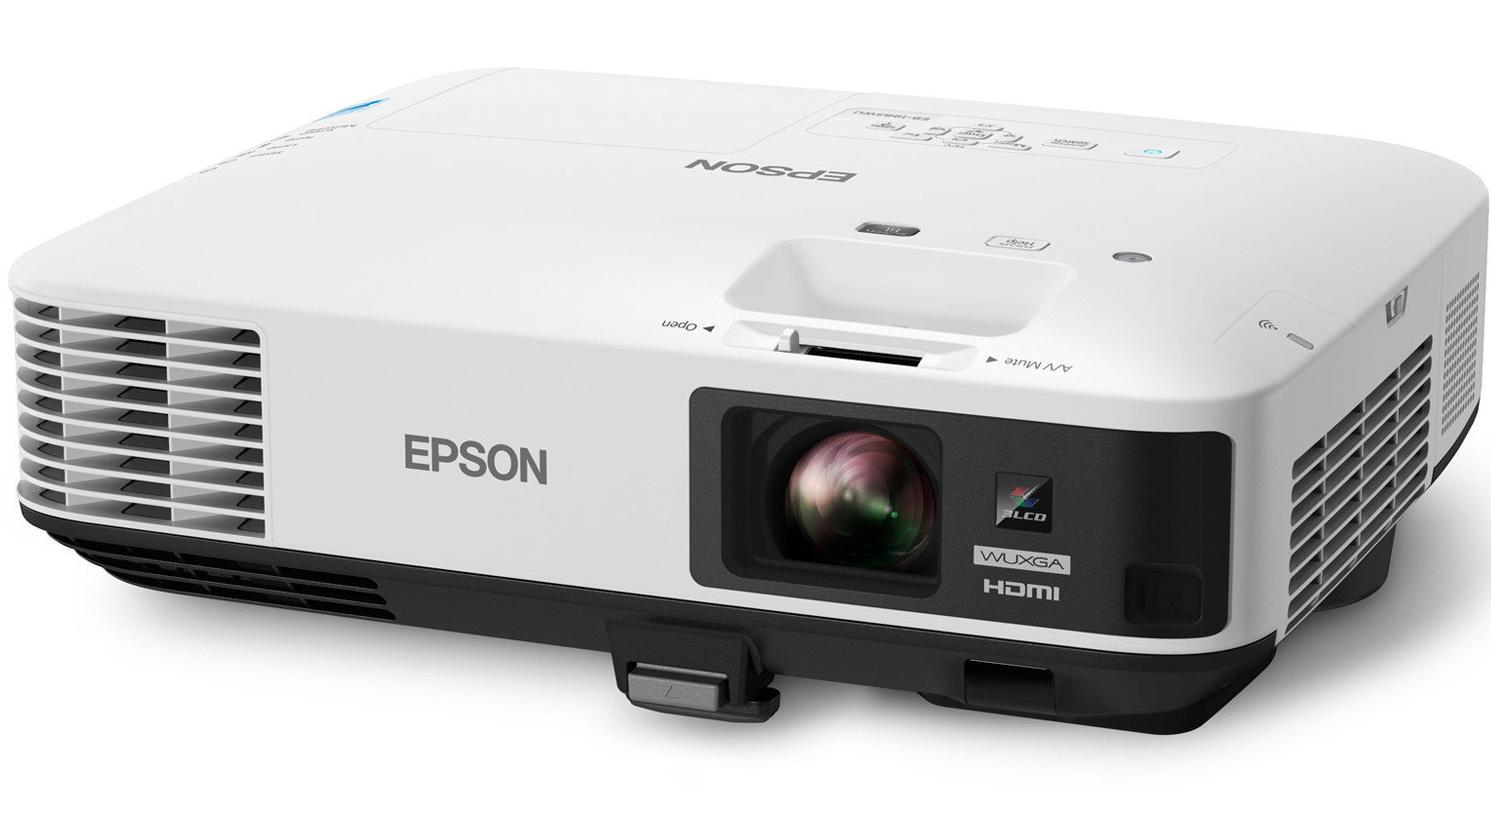 Beamer mieten & vermieten - Beamer Epson EB-2255U 5000 ANSI-Lumen WUXGA in Köln